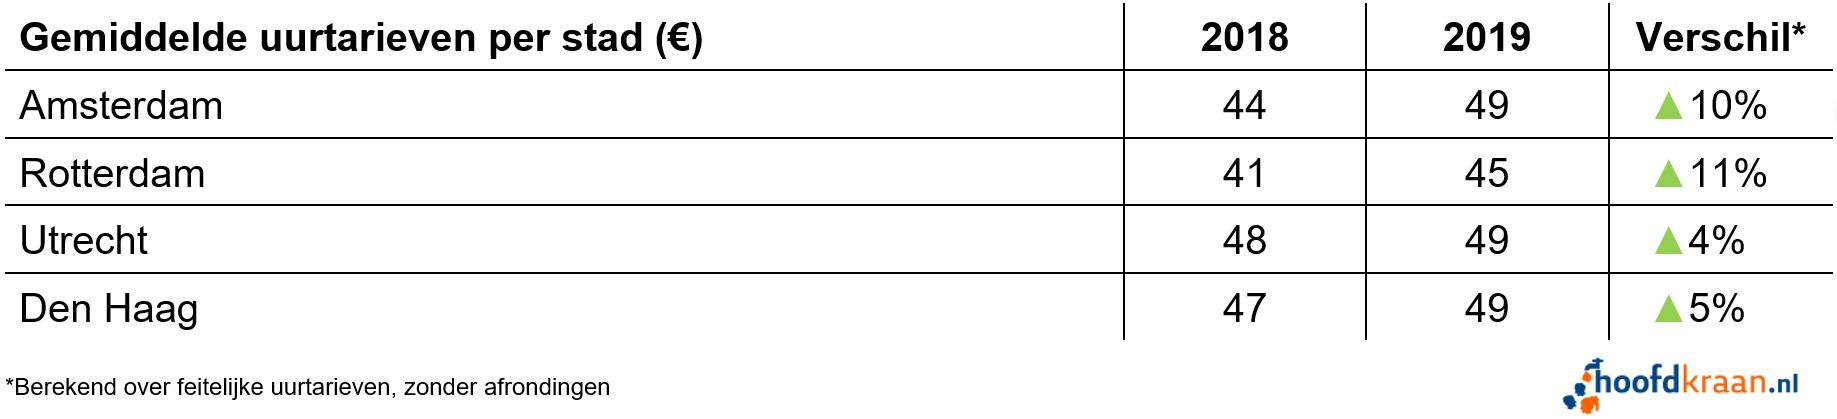 Uurtarieven per stad in 2019.